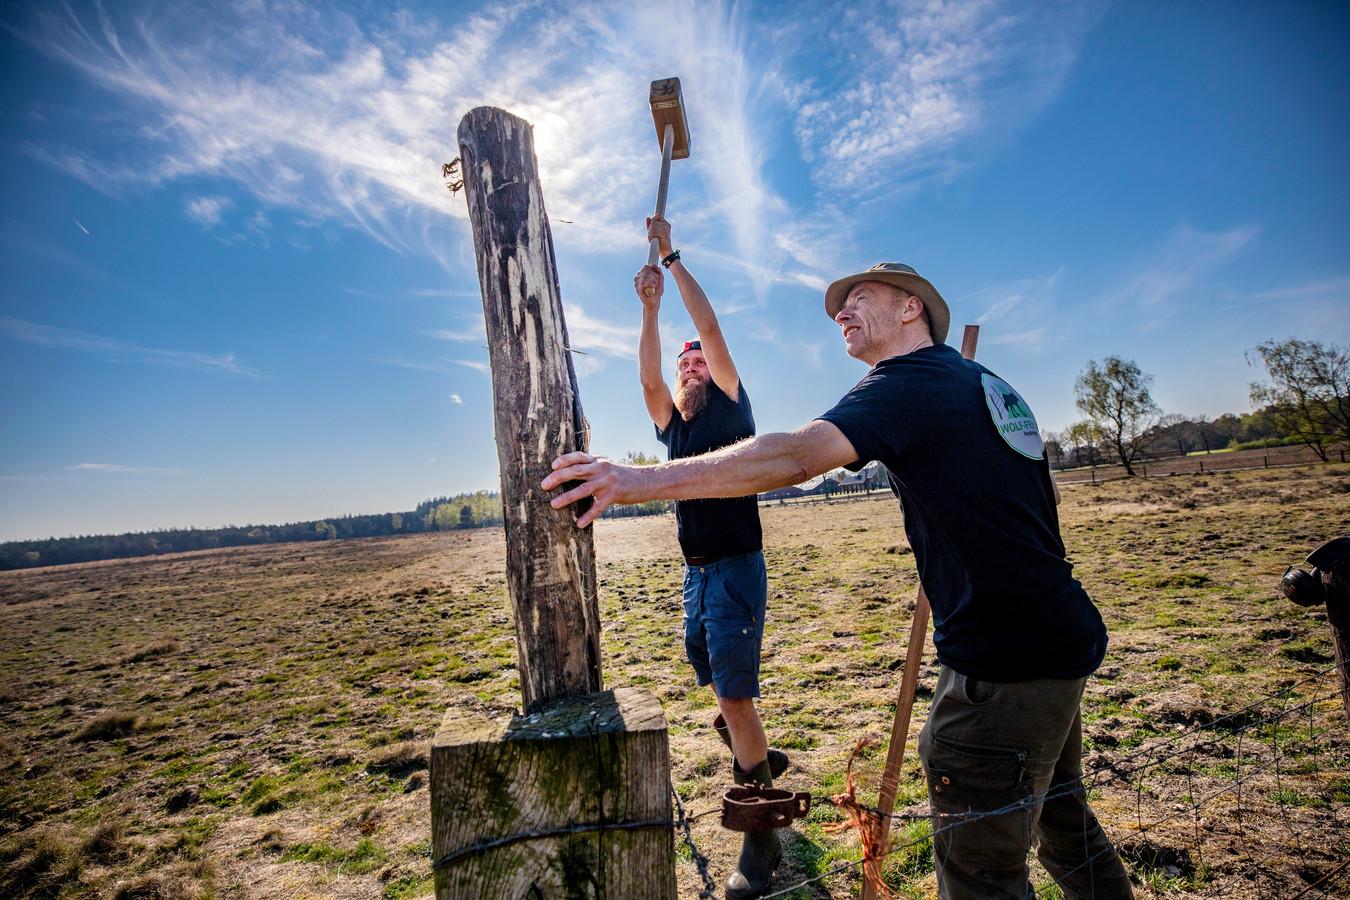 Vrijiwlligers van Wolf Fencing helpen bij de aanleg van wolfwerend raster.